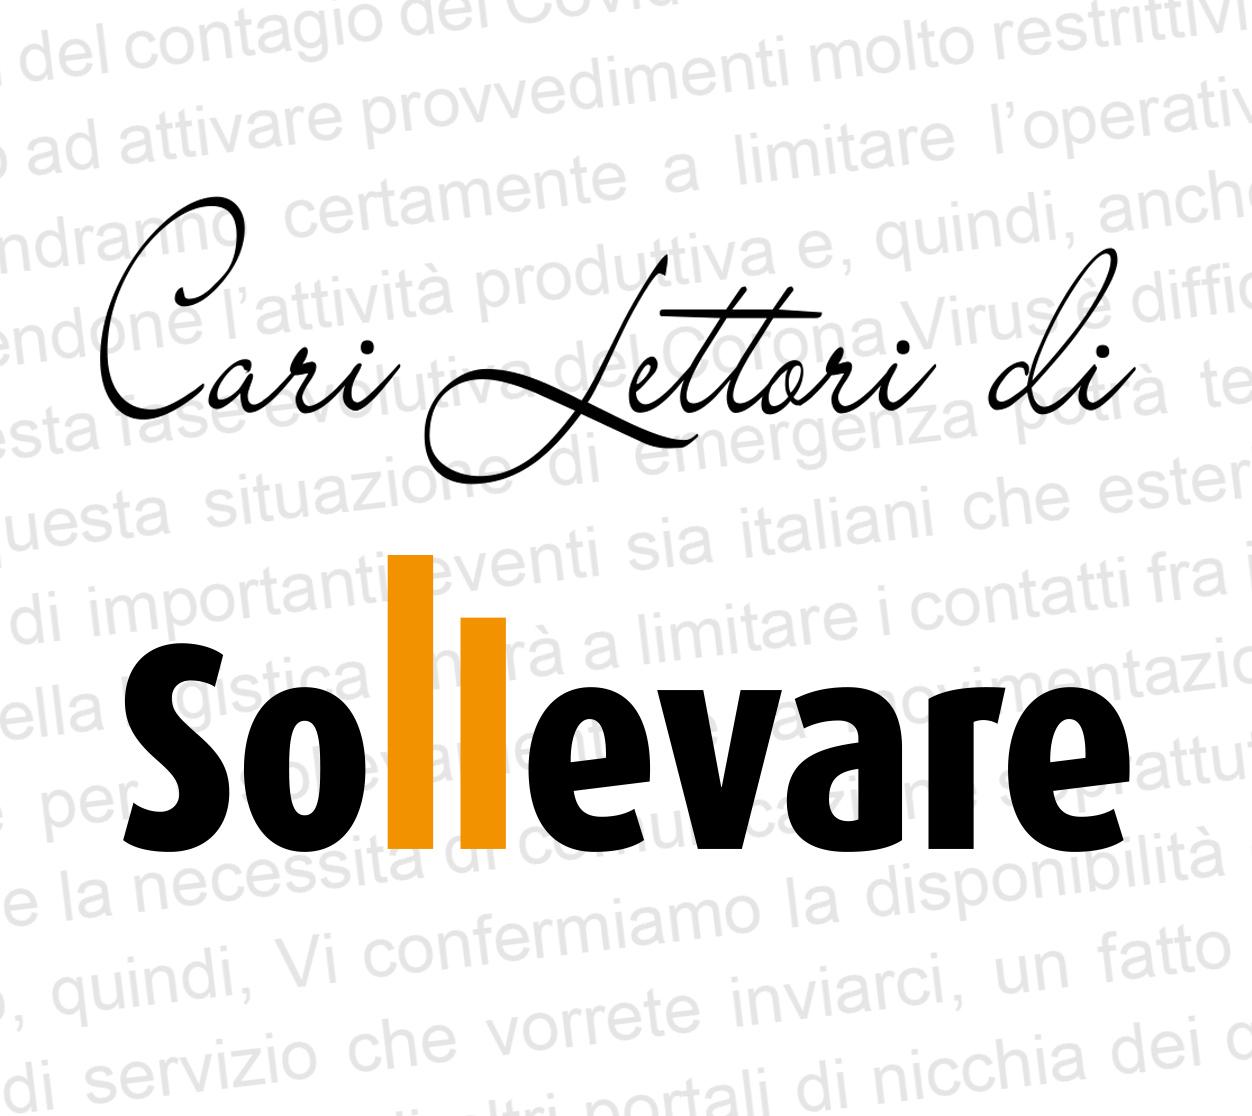 CARI LETTORI DI SOLLEVARE - Sollevare - Coronavirus Sollevare - News 3